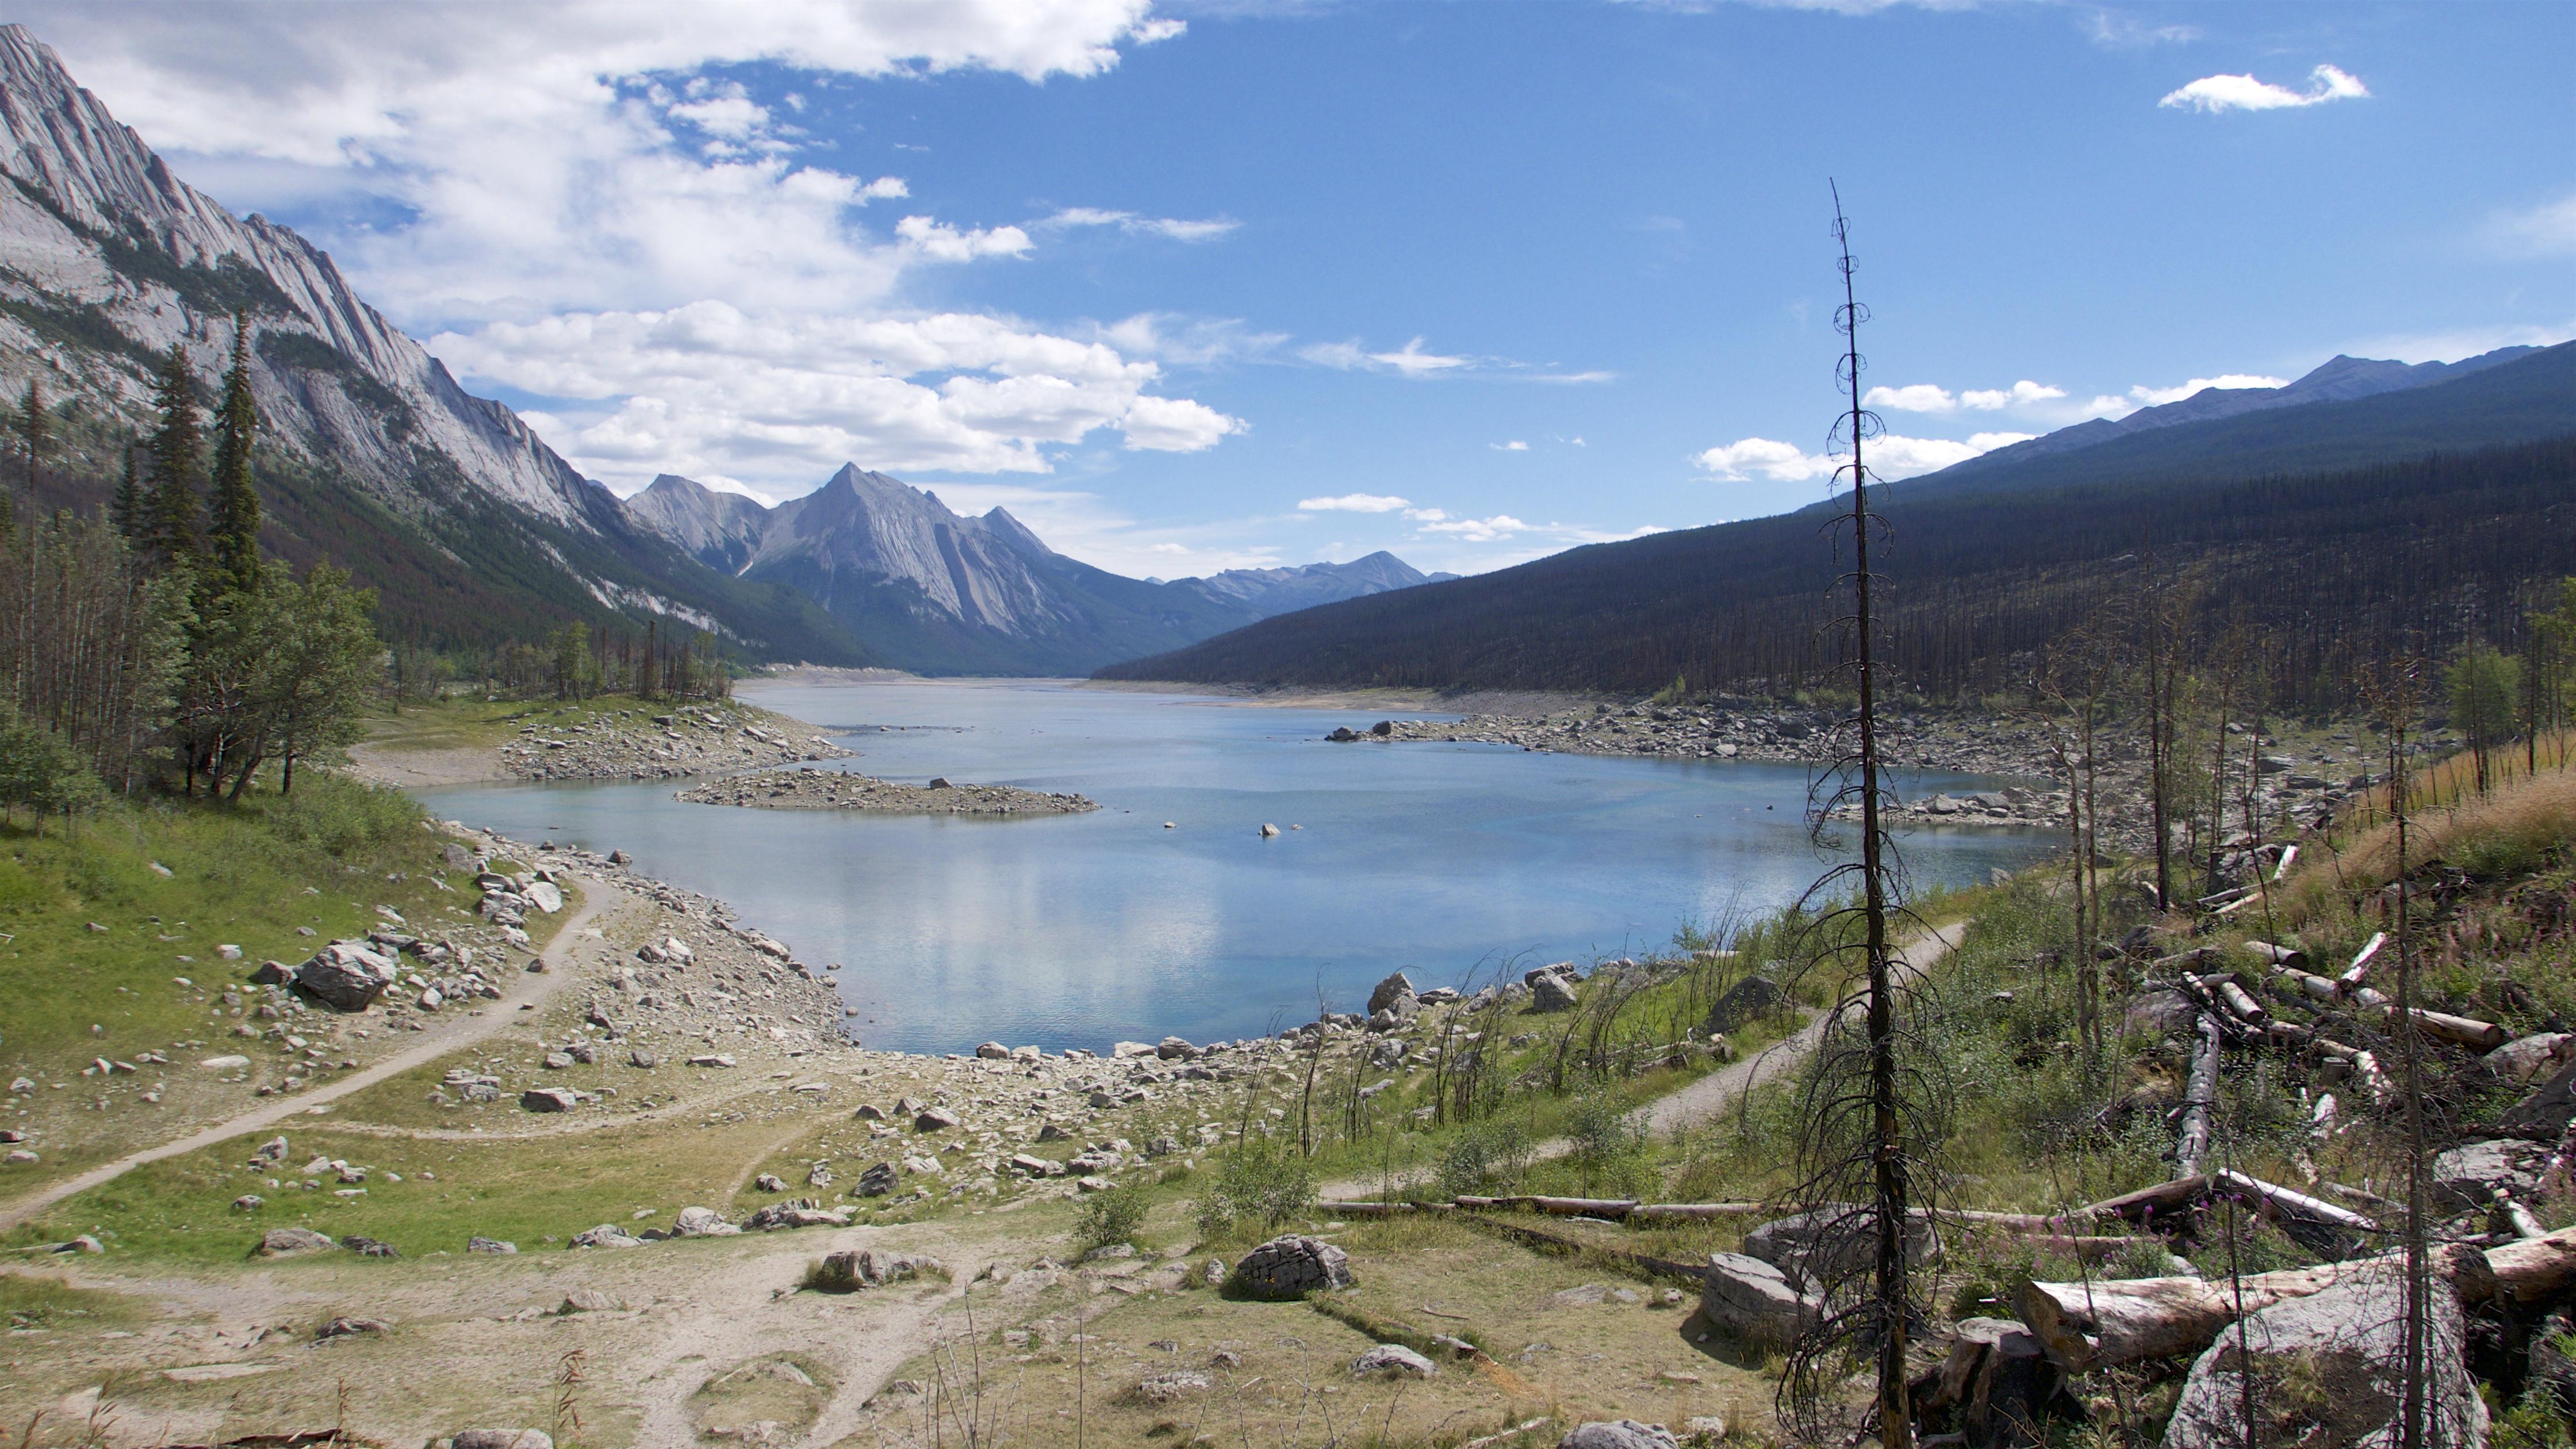 Jasper Maligne Canyon, Alberta, Canada, Grass, Lac, HQ Photo